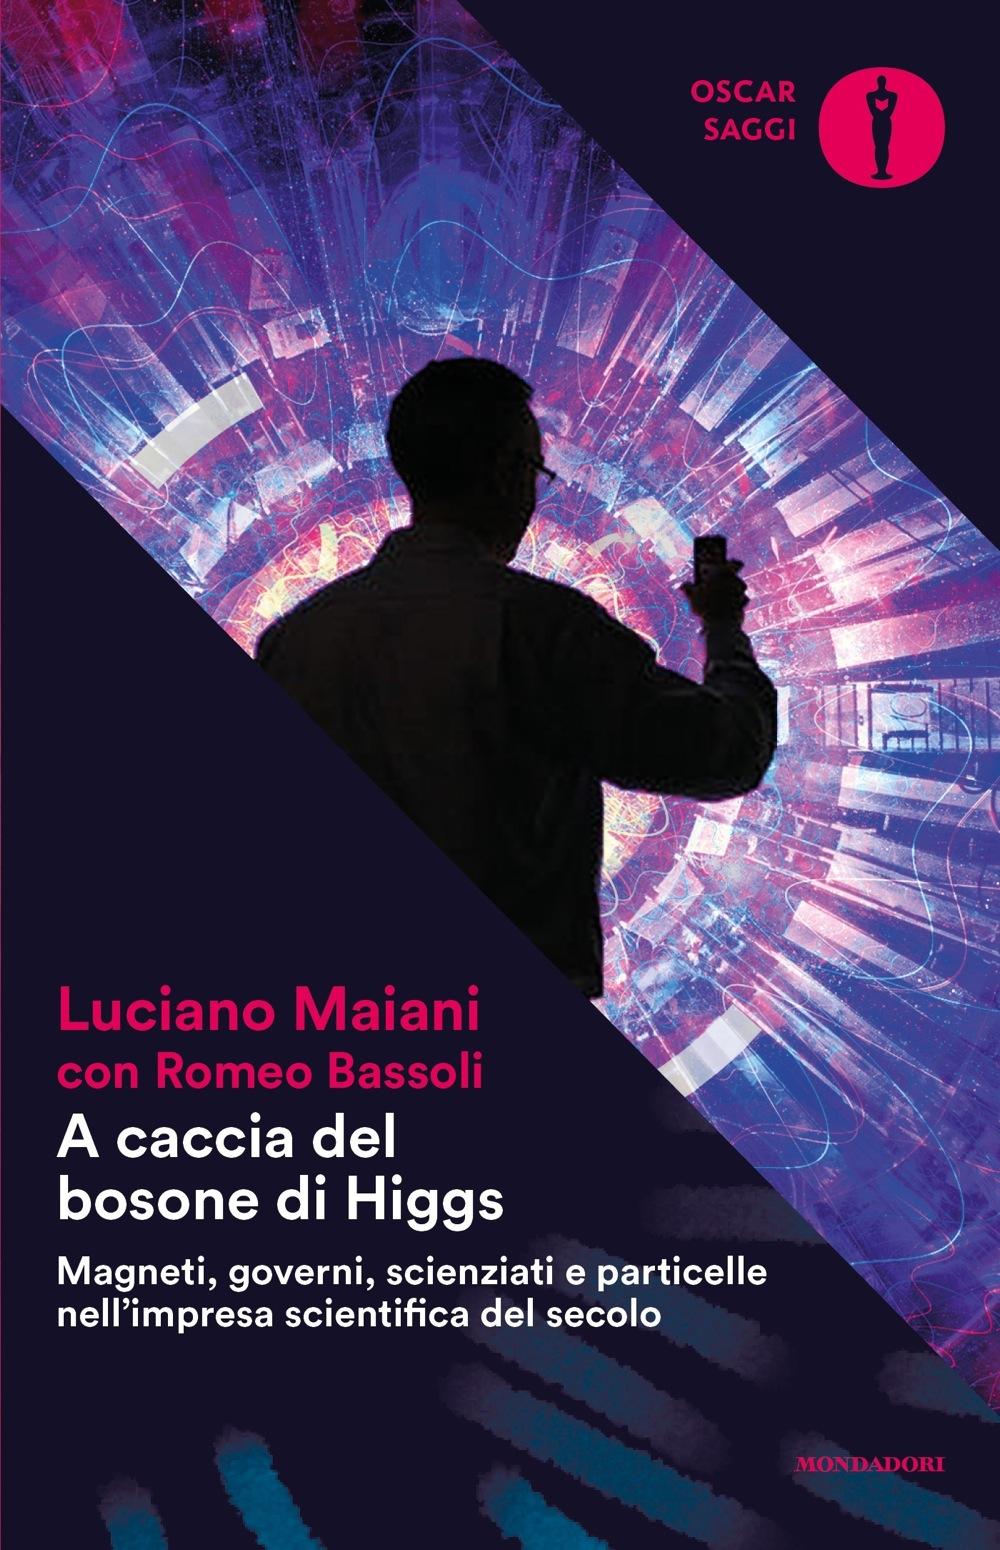 """LUCIANO MAIANI – """"A caccia del bosone di Higgs;"""""""